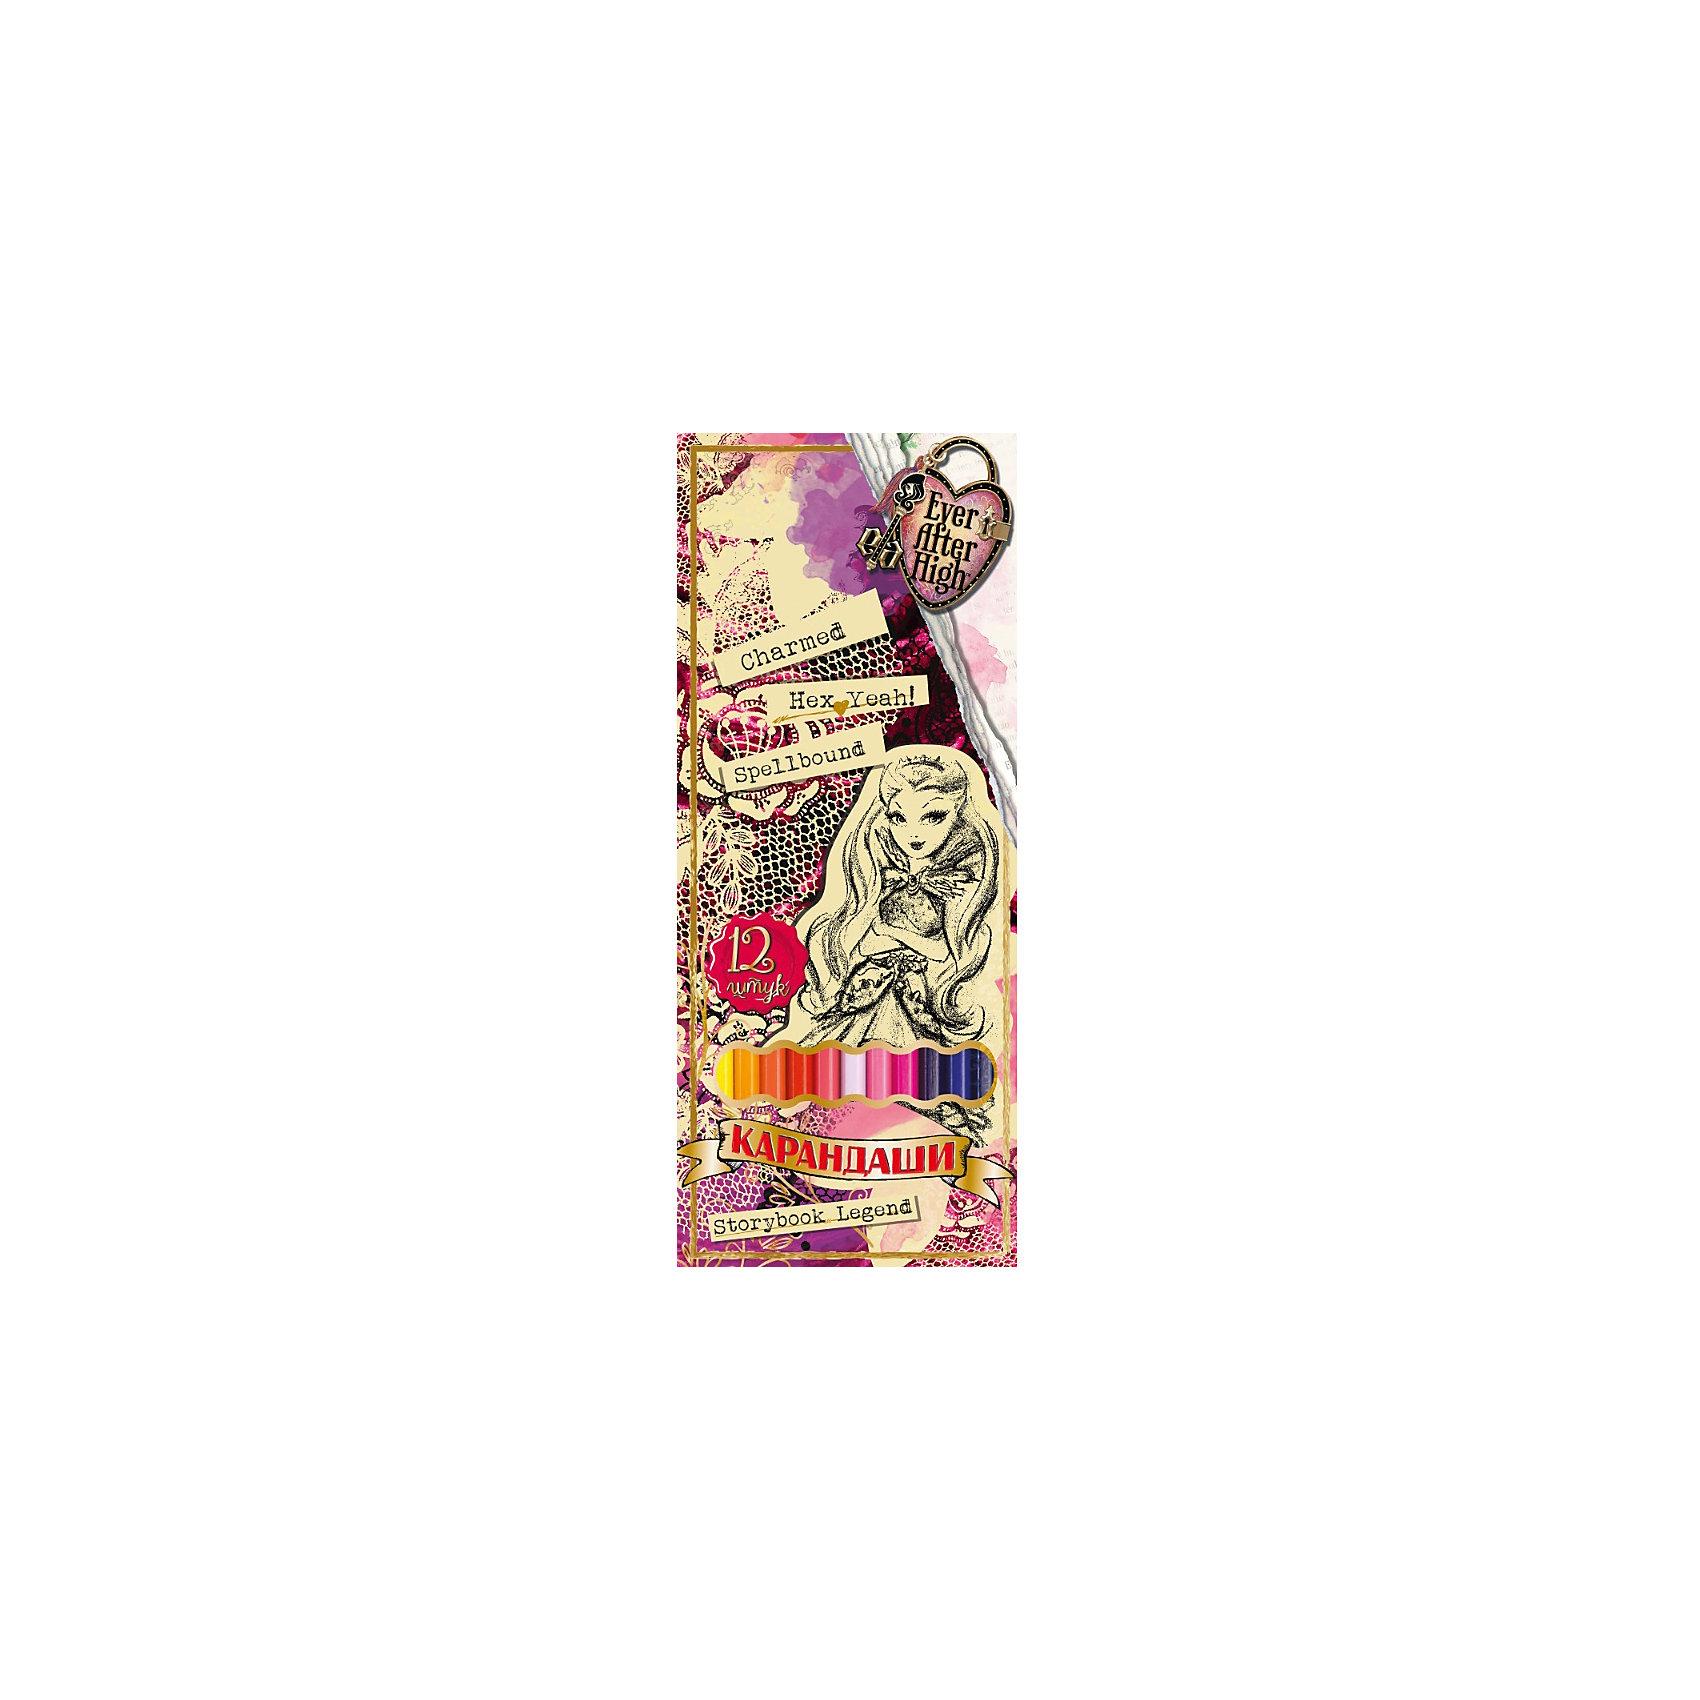 Цветные карандаши (12 цветов), Ever after HighЦветные карандаши (12 цветов), Ever after High (Эвер Афтер Хай) – замечательный подарок для юной поклоннице мультсериала «Ever after High».<br>Отличное качество и насыщенные цвета карандашей Ever after High (Долго и счастливо) помогут вашей доченьке передать свои фантазии и идеи на бумаге. Карандаши упакованы в красивую коробку с изображениями героинь из любимого мультфильма Ever after High(Эвер Афтер Хай).<br><br>Дополнительная информация:<br><br>- В наборе: карандаши 12 цветов<br>- Длина карандаша: 177 мм.<br>- Размер упаковки: 205 х 90 х 10 мм.<br>- Вес: 71 гр.<br><br>Цветные карандаши (12 цветов), Ever after High (Эвер Афтер Хай) можно купить в нашем интернет-магазине.<br><br>Ширина мм: 10<br>Глубина мм: 90<br>Высота мм: 205<br>Вес г: 71<br>Возраст от месяцев: 36<br>Возраст до месяцев: 168<br>Пол: Женский<br>Возраст: Детский<br>SKU: 4017807